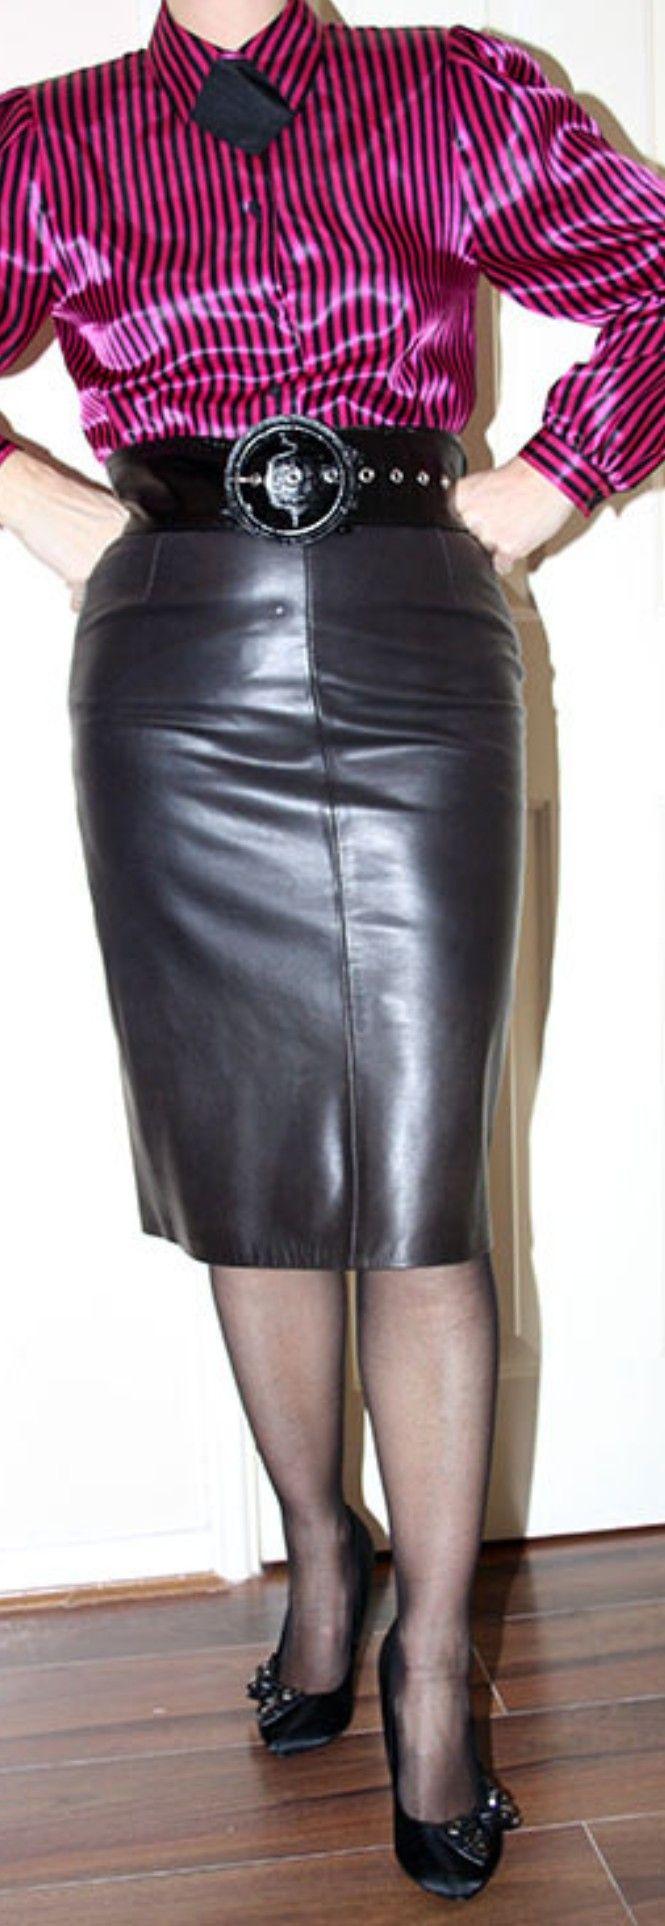 Pin von Heelmaster auf Leather | Anziehsachen, Lederrock